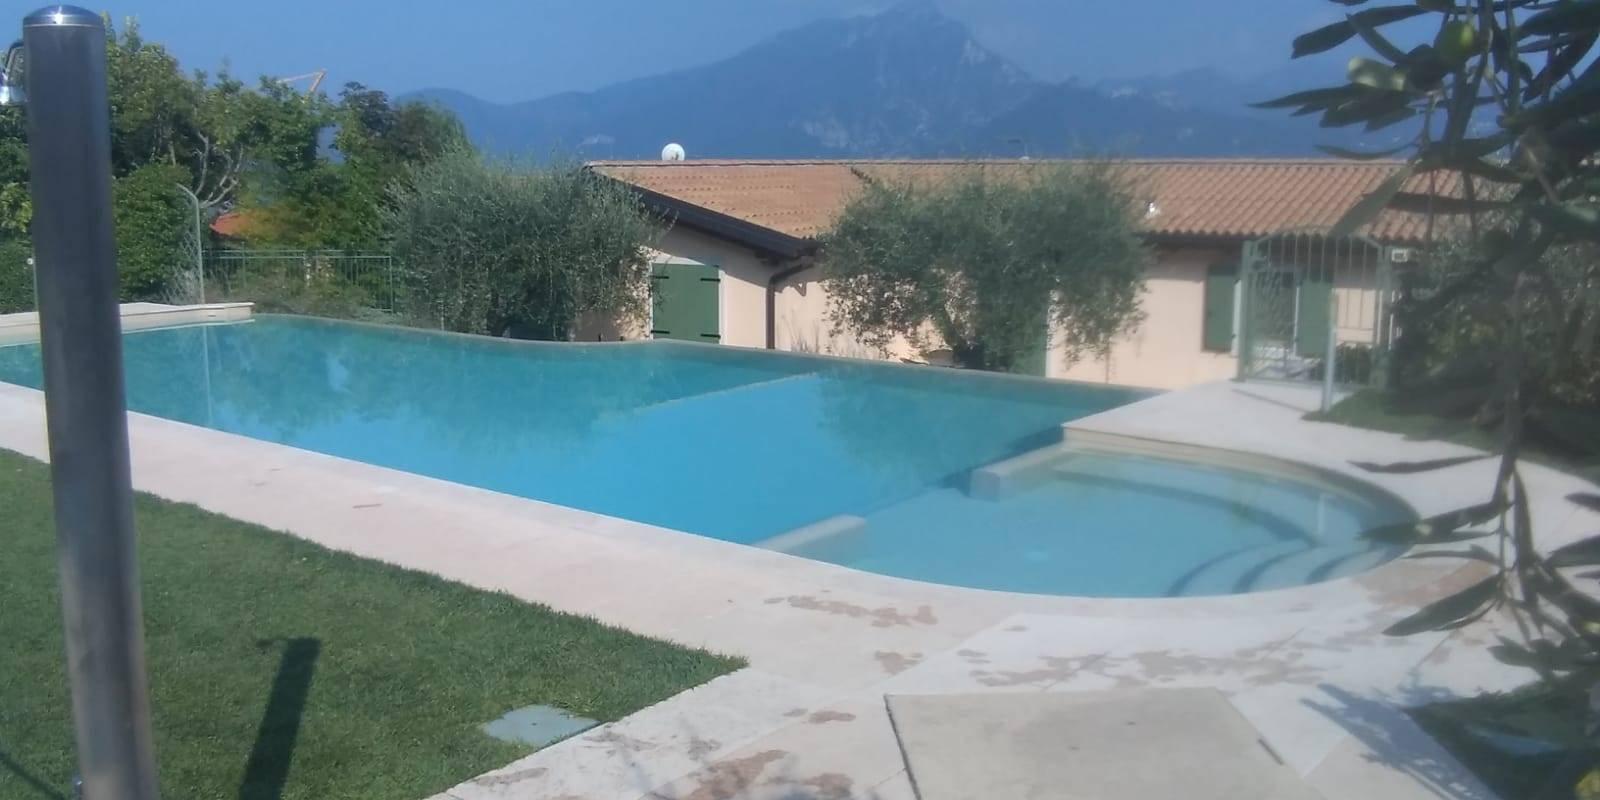 Villa a Schiera in vendita a Torri del Benaco, 4 locali, zona Località: ALBISANO, prezzo € 295.000 | CambioCasa.it